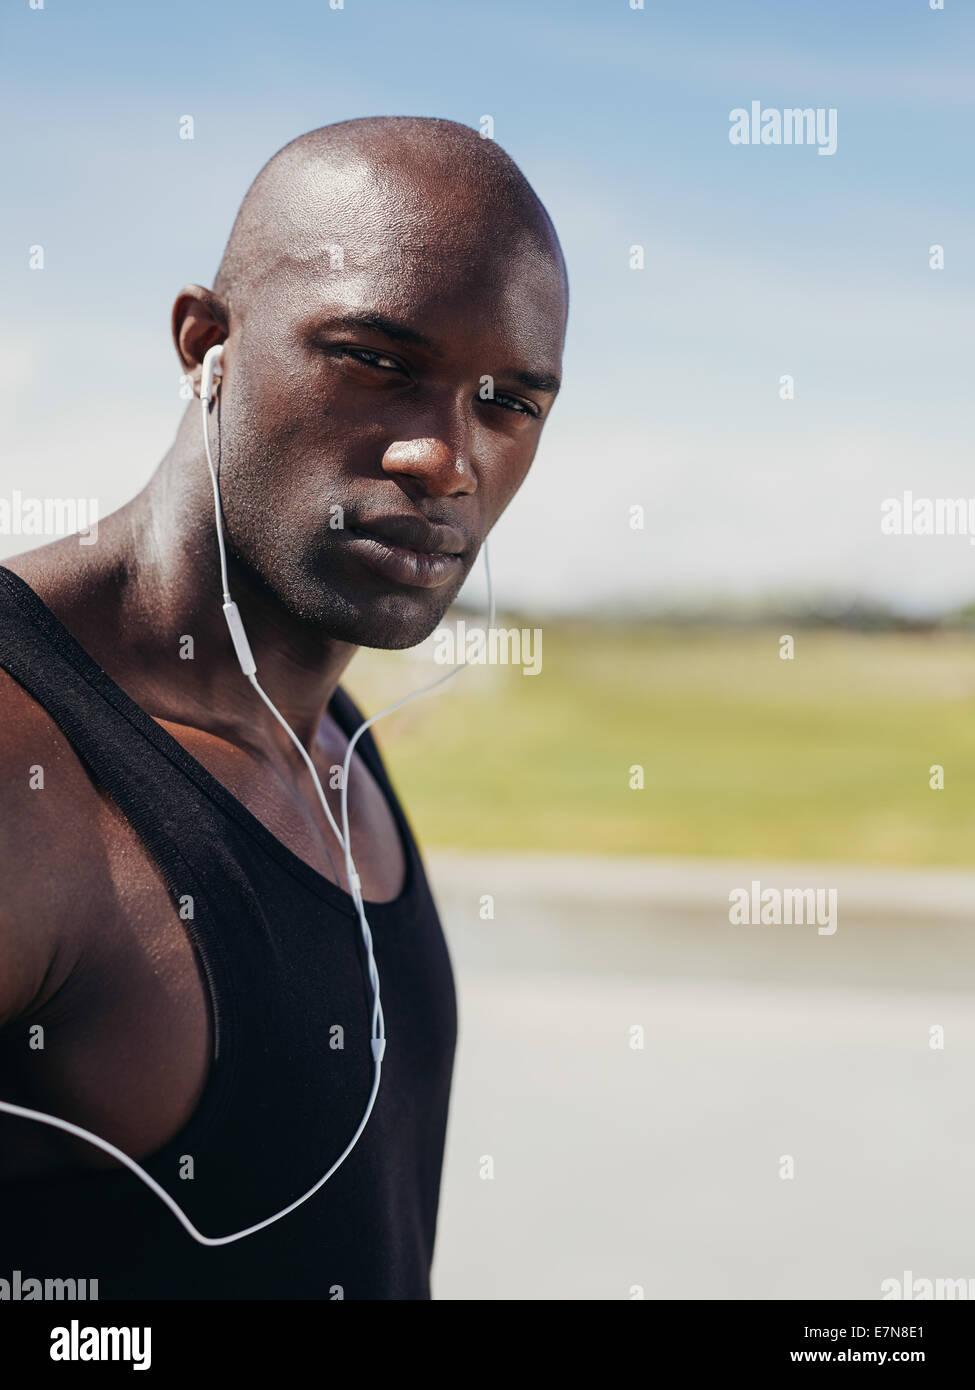 Image de beau jeune homme wearing earphones looking at camera. Modèle masculin de l'Afrique de l'extérieur. Photo Stock